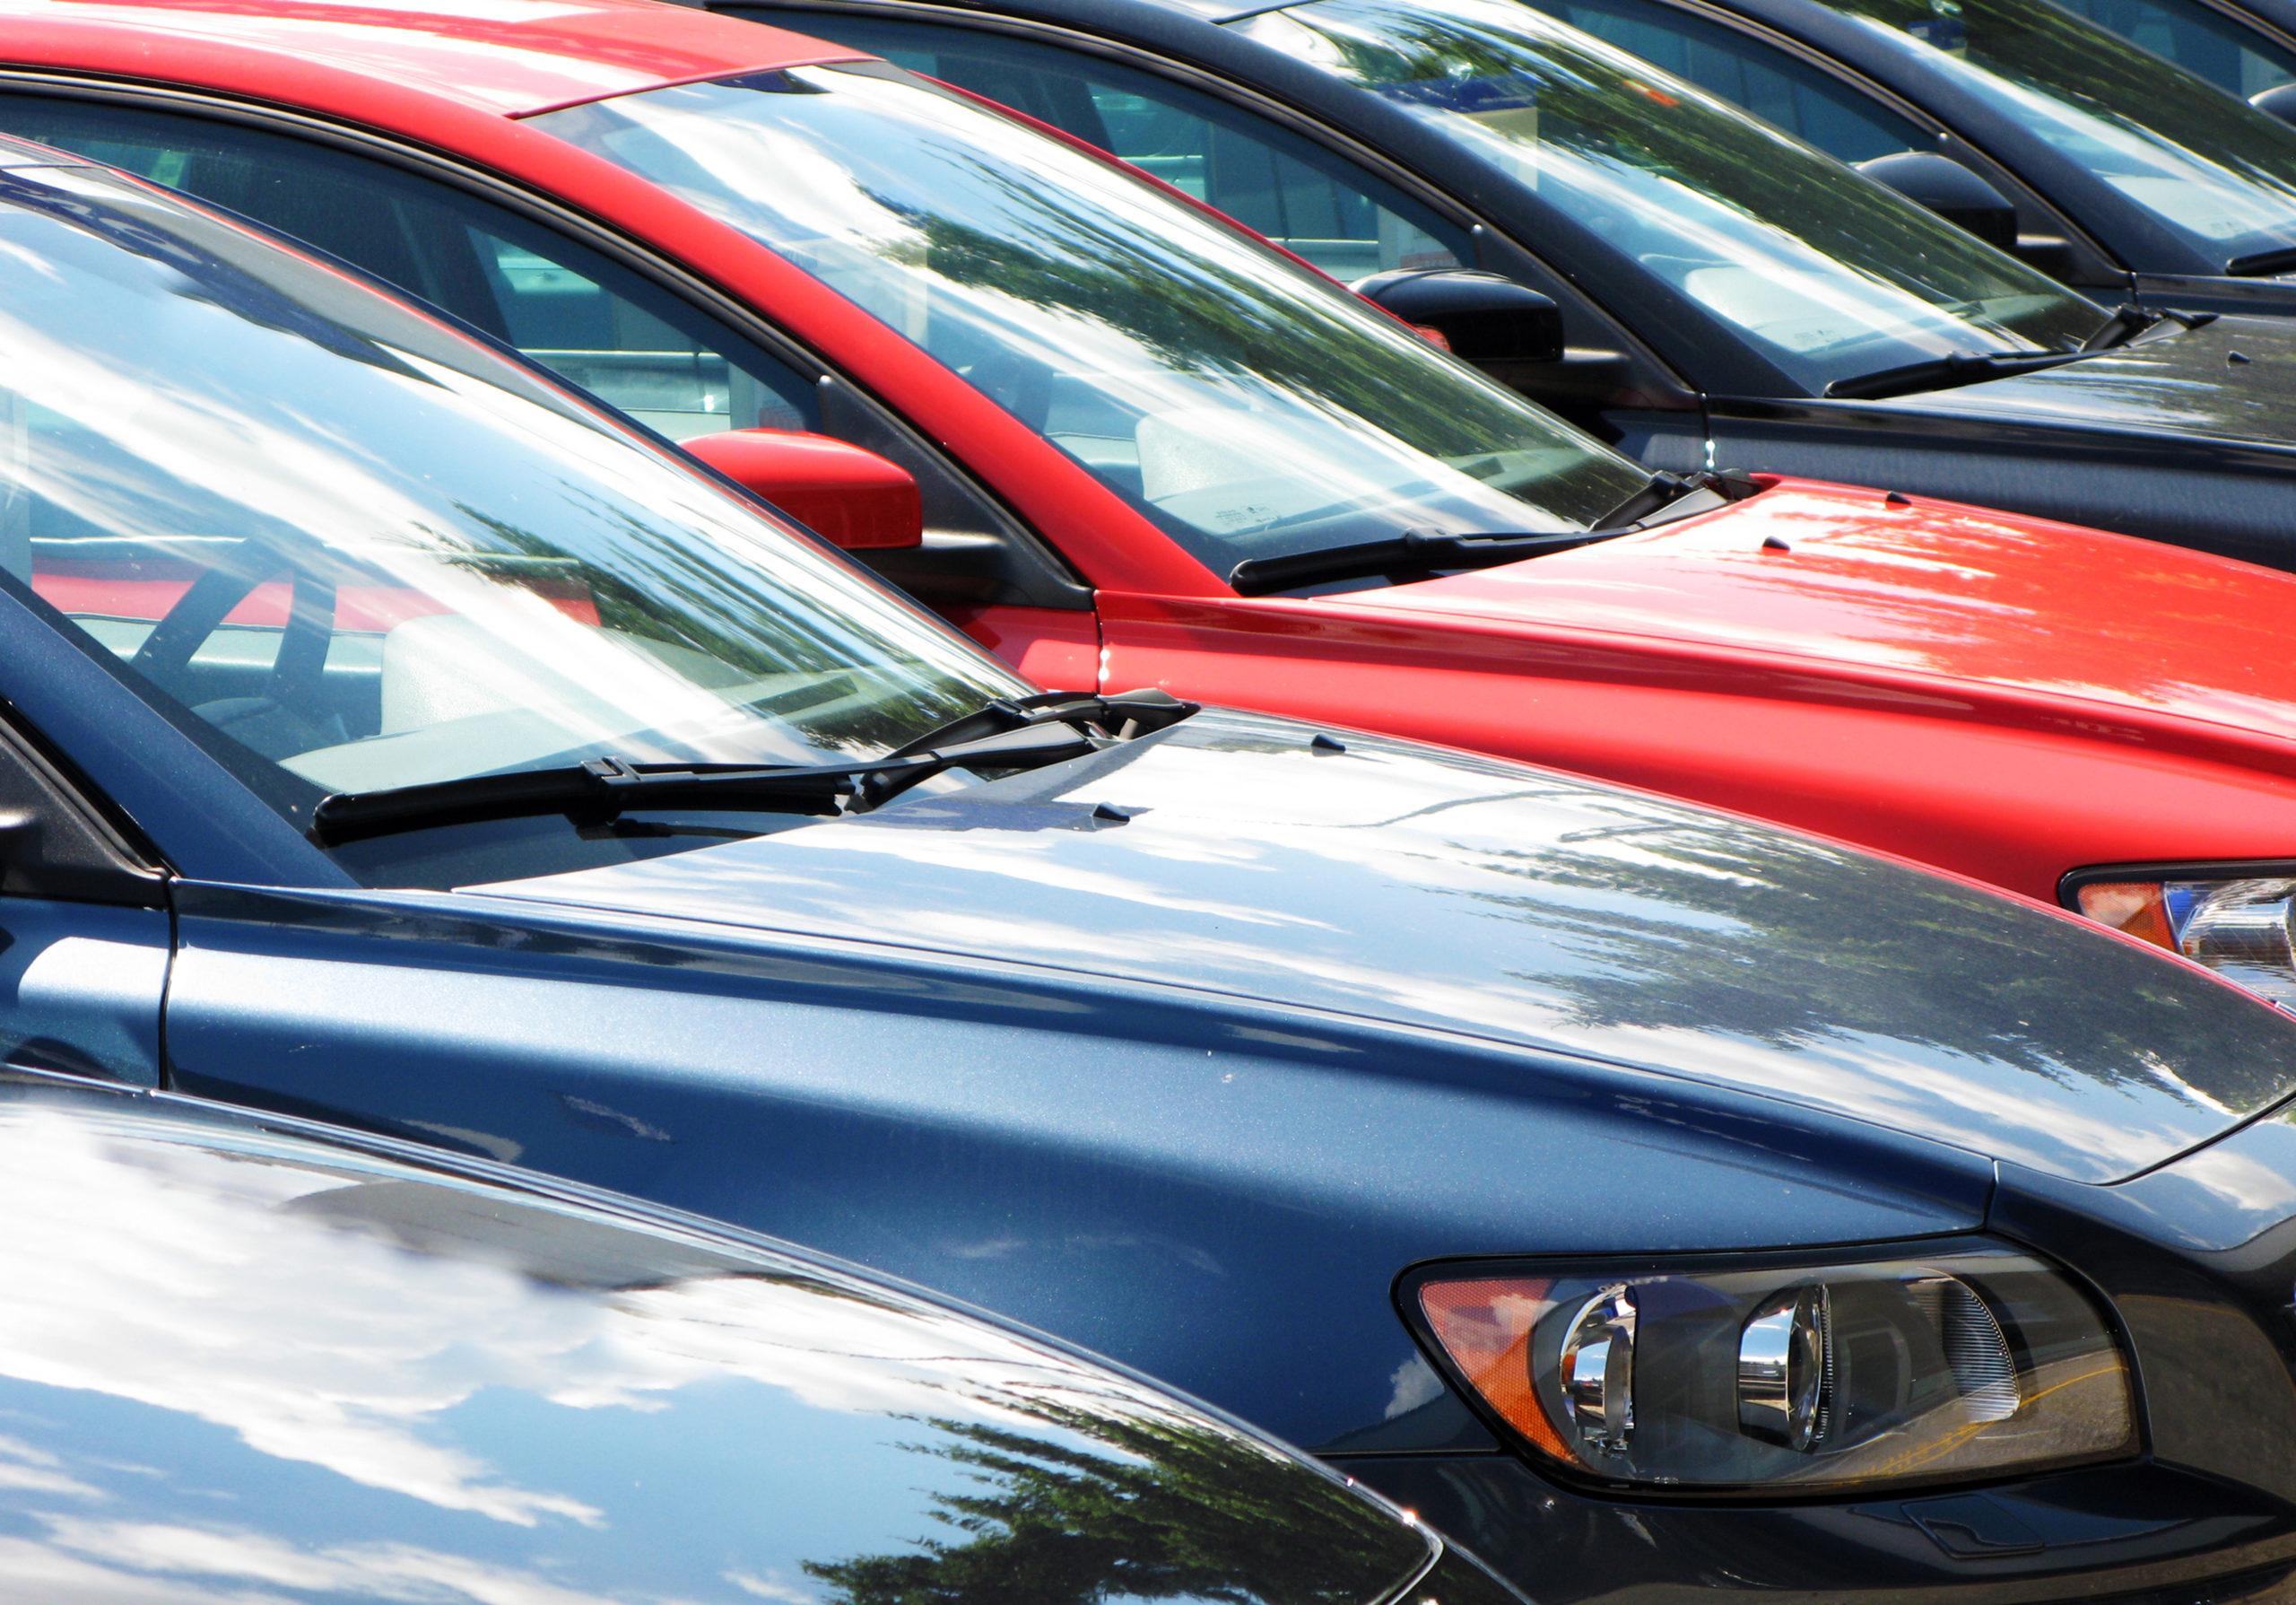 Продажа автомобилей онлайн: как ИИ помогает вызвать доверие покупателей